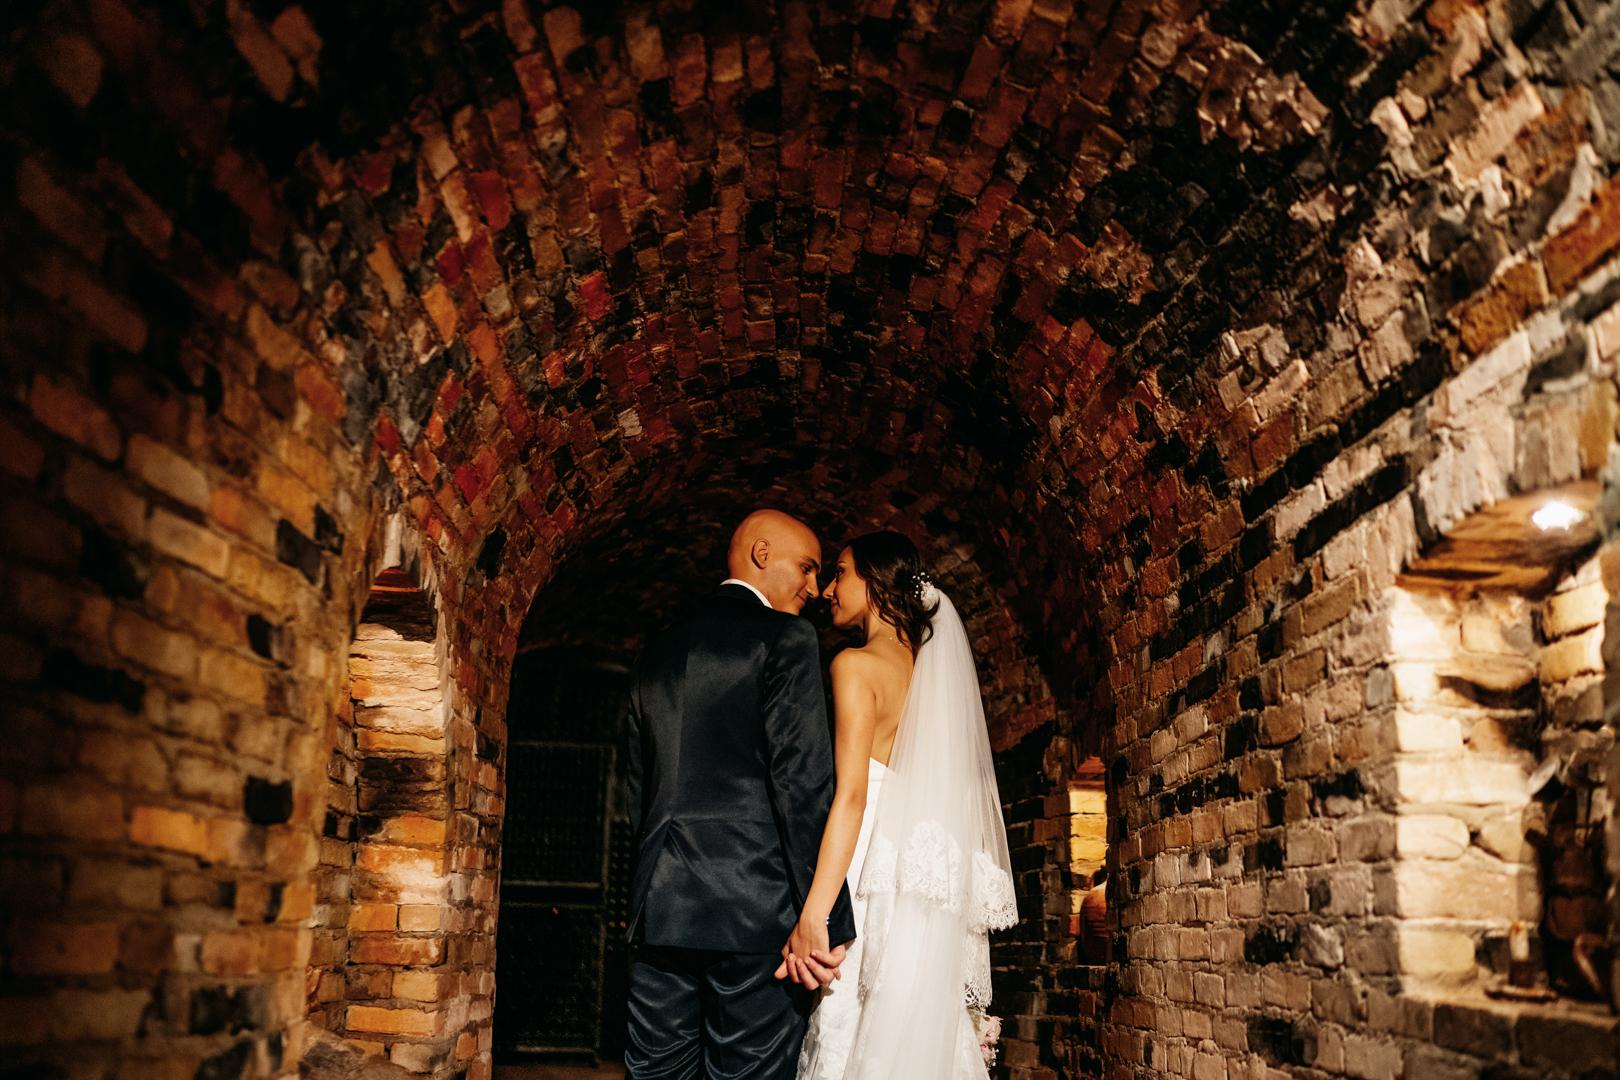 22 gianni-lepore-matrimonio-cantine-d'araprì